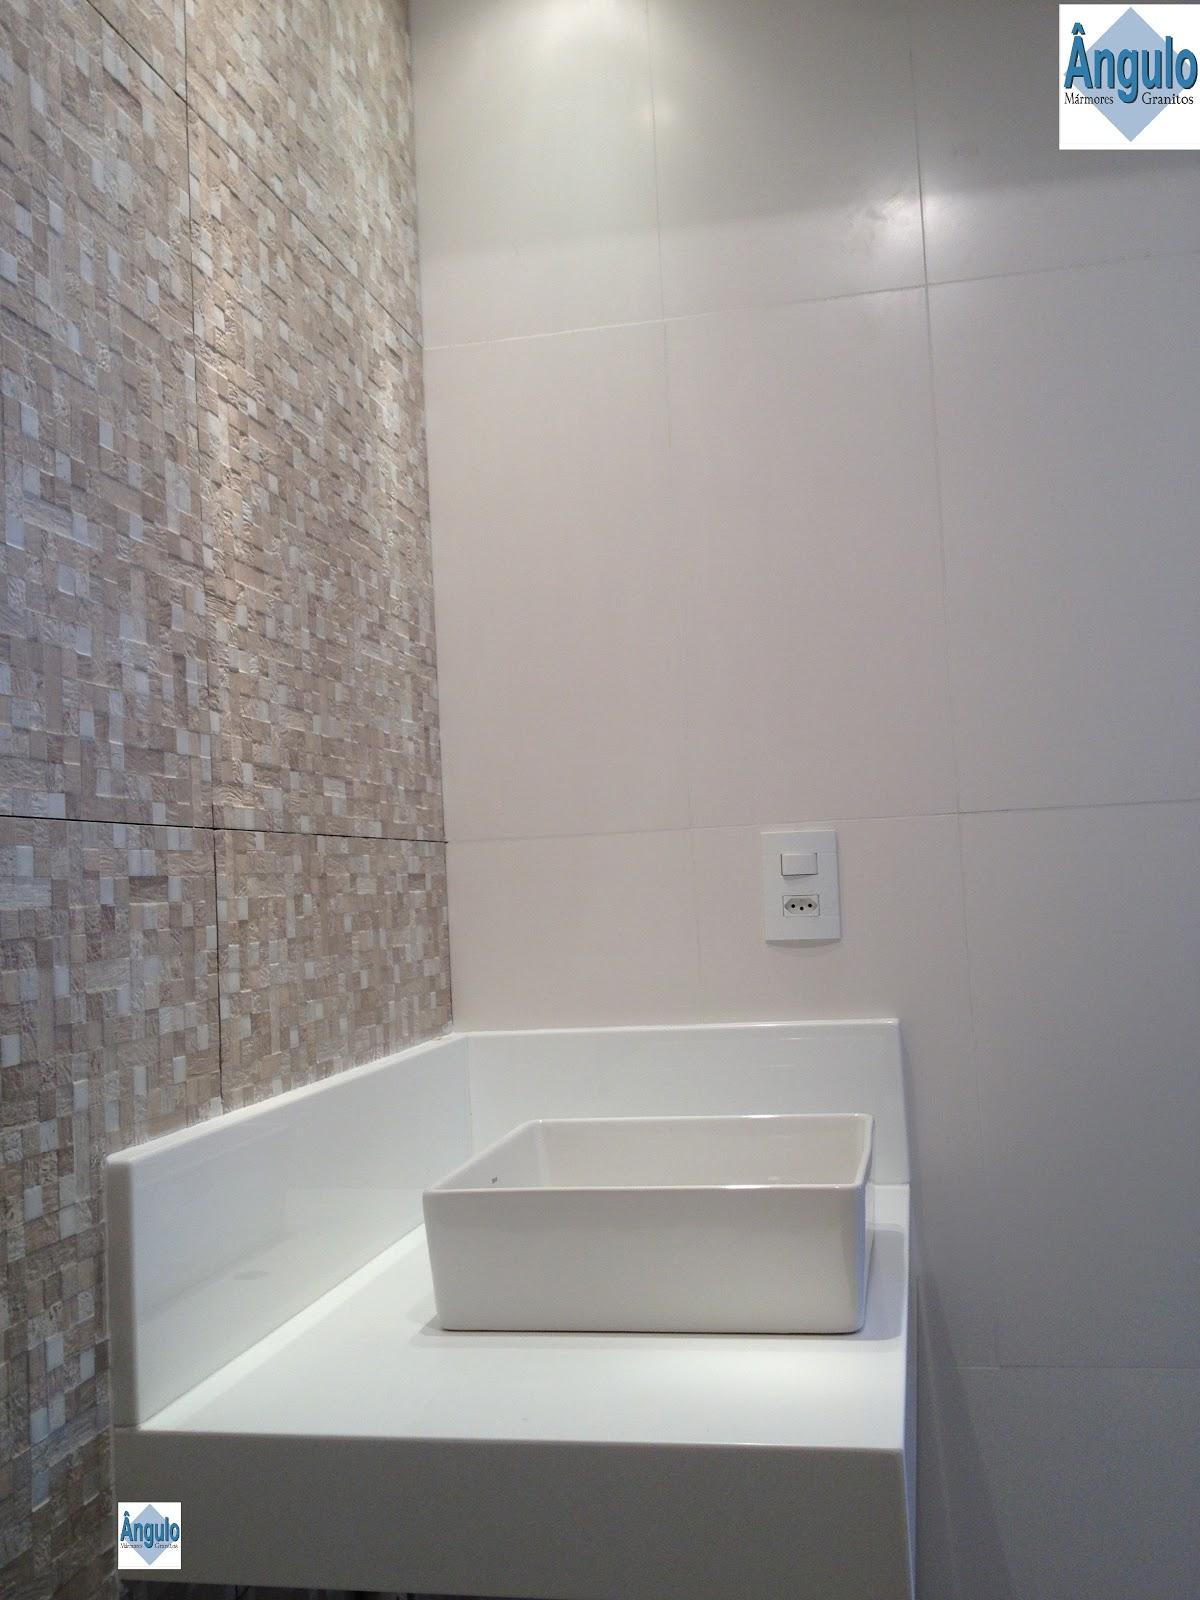 #566675 Ângulo Mármores e Granitos: Cuba de Apoio Bancada Nanoglass 1200x1600 px pia banheiro granito bege